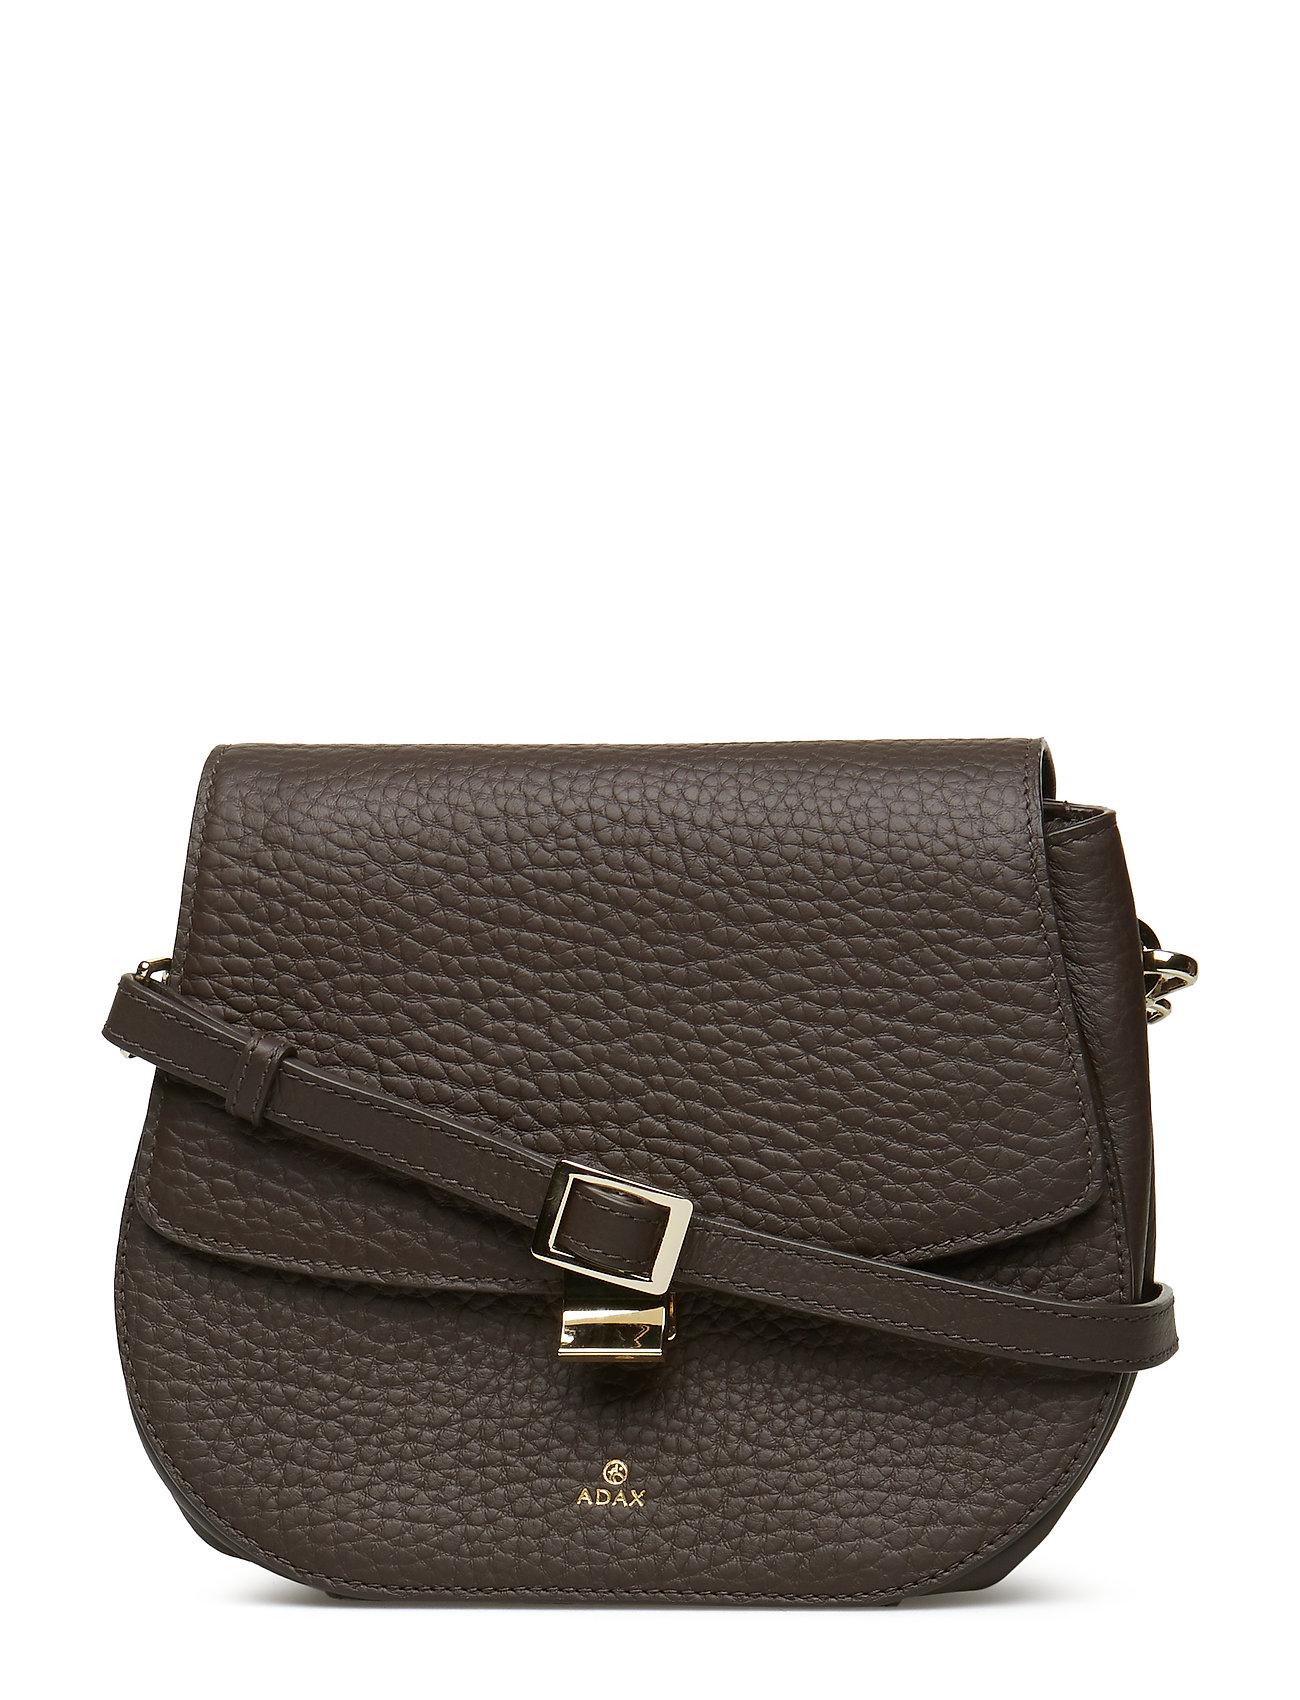 Venezia Shoulder Bag Jen - Adax